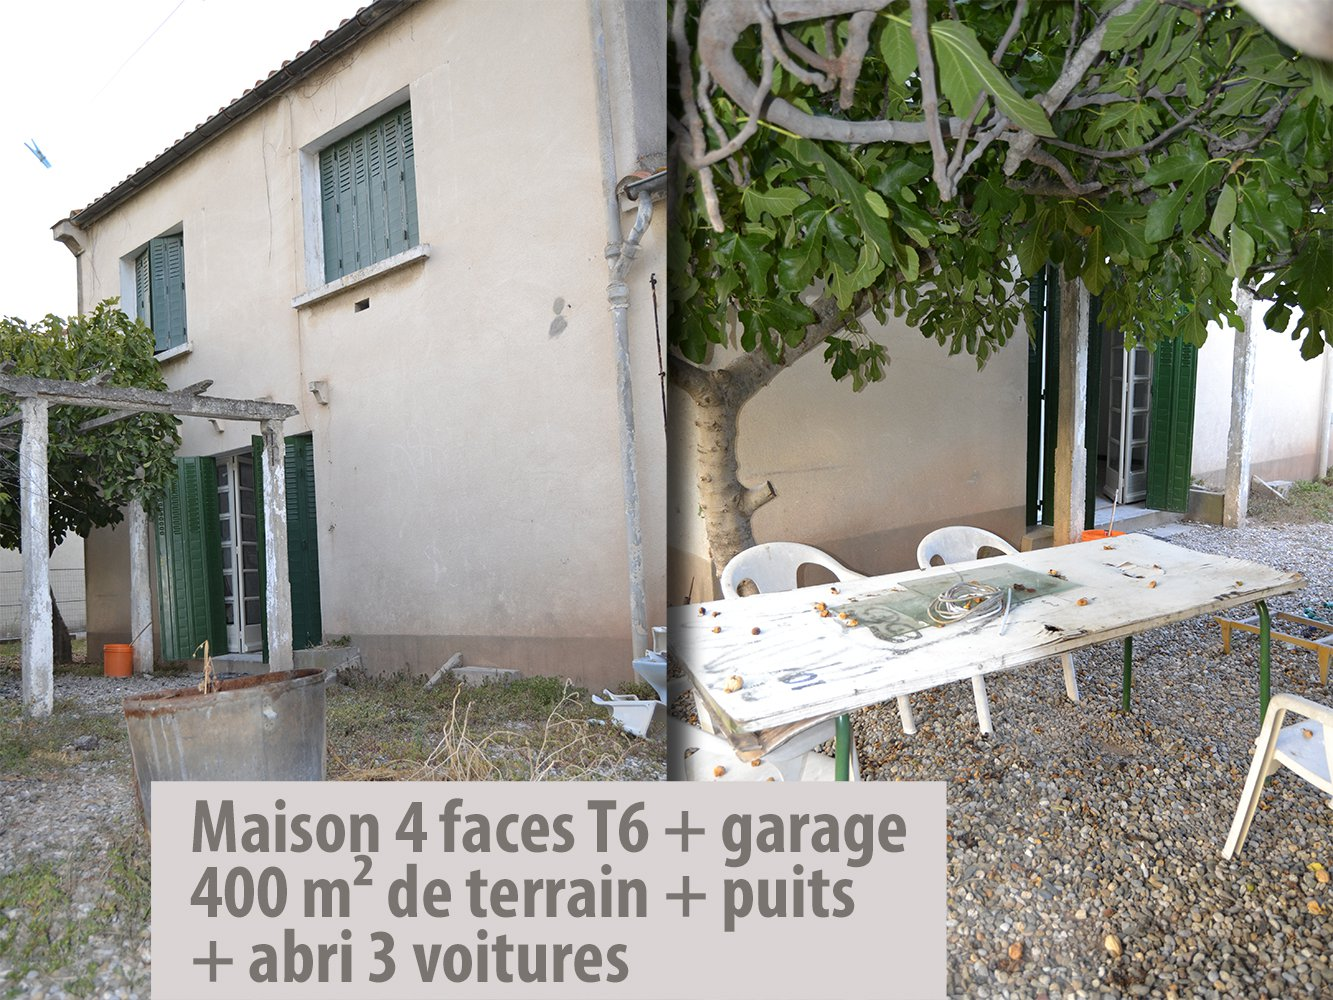 Maison 4 faces T6 + garage + jardin + abri voitures